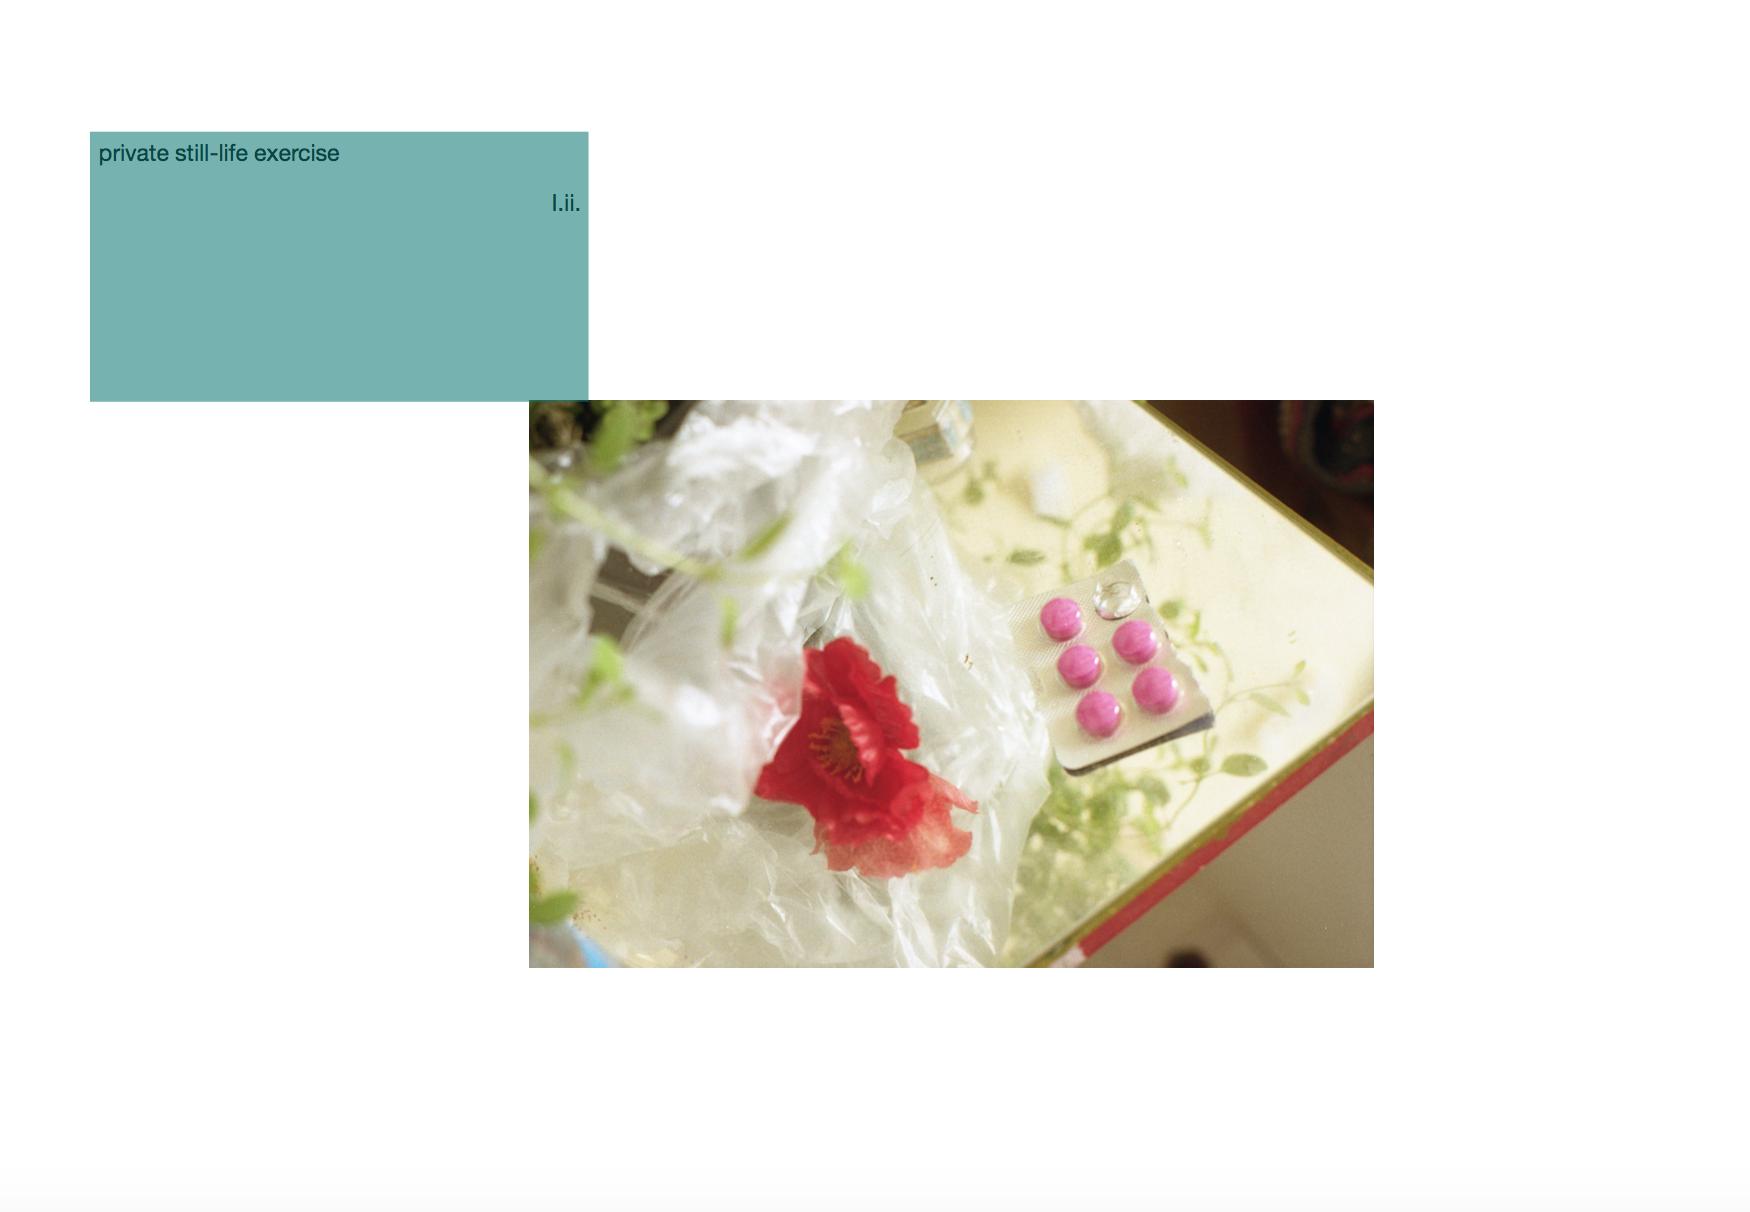 Screen Shot 2019-03-01 at 15.47.09.png